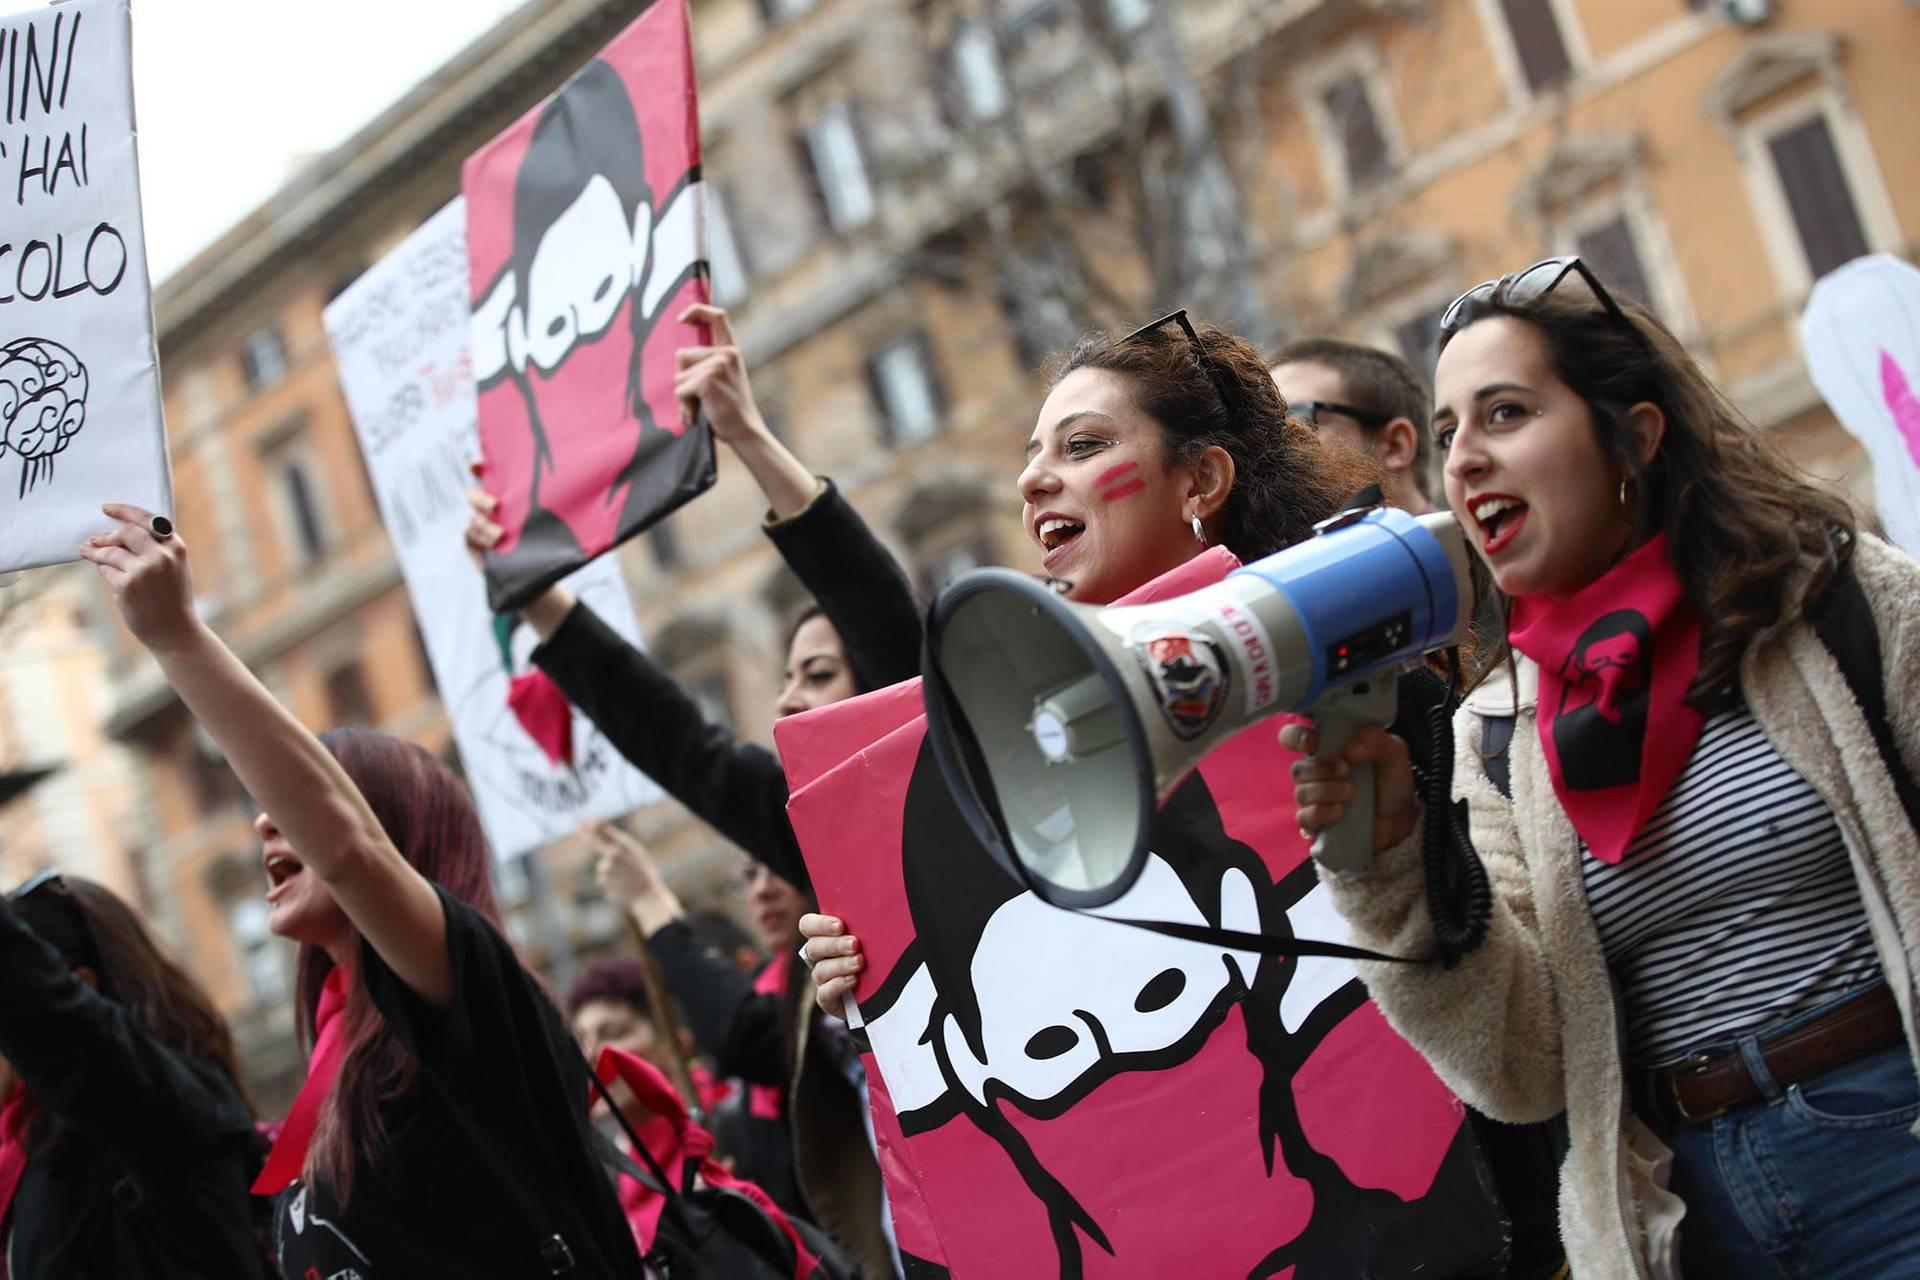 Активісти і активістки феміністичних рухів вигукують гасла під час демонстрації «Жодного втрачати не можна» з нагоди Міжнародного дня захисту прав жінок у Римі, Італія, 8 березня 2019 року